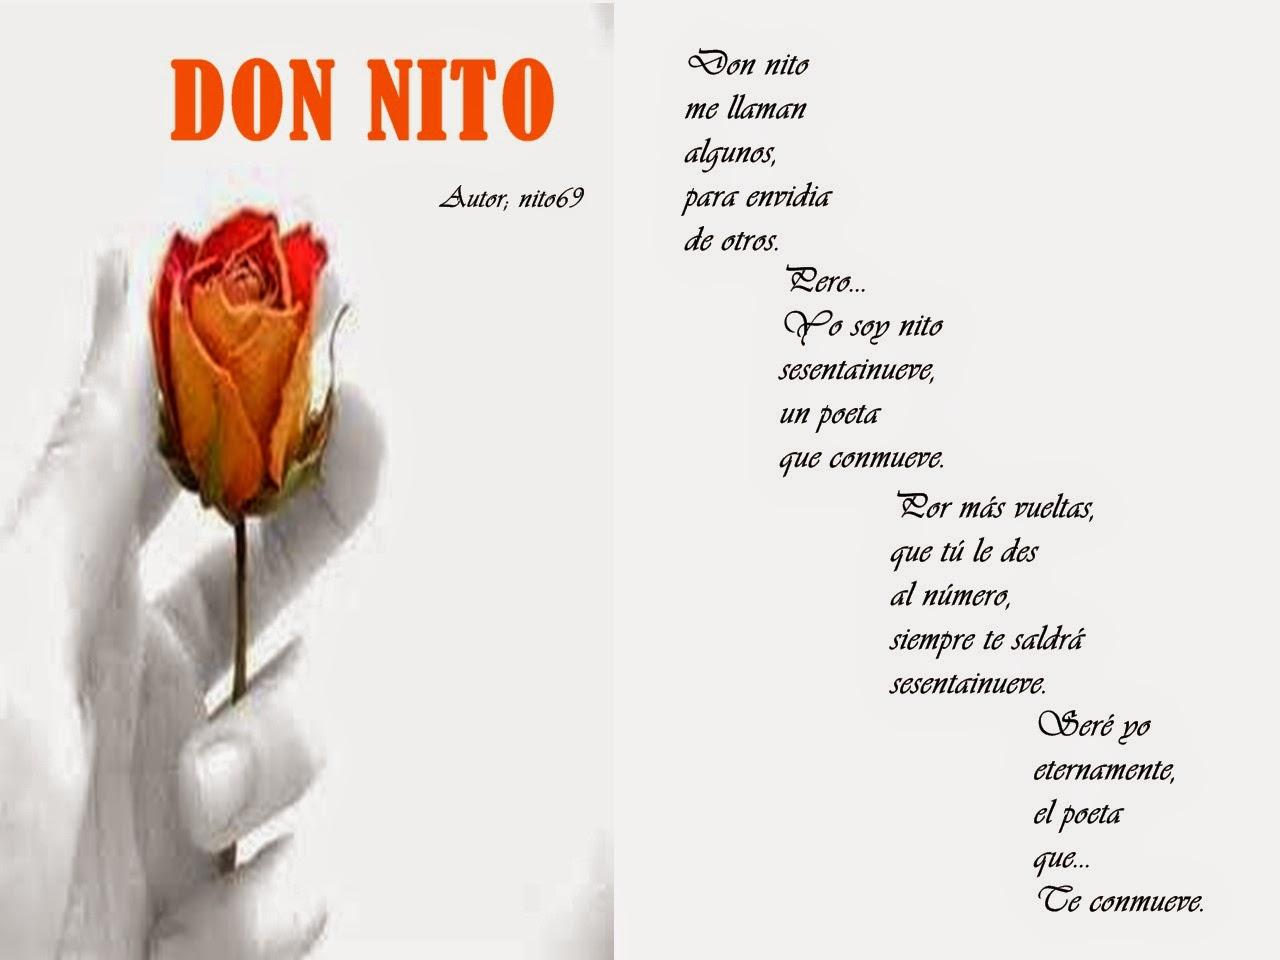 DON NITO